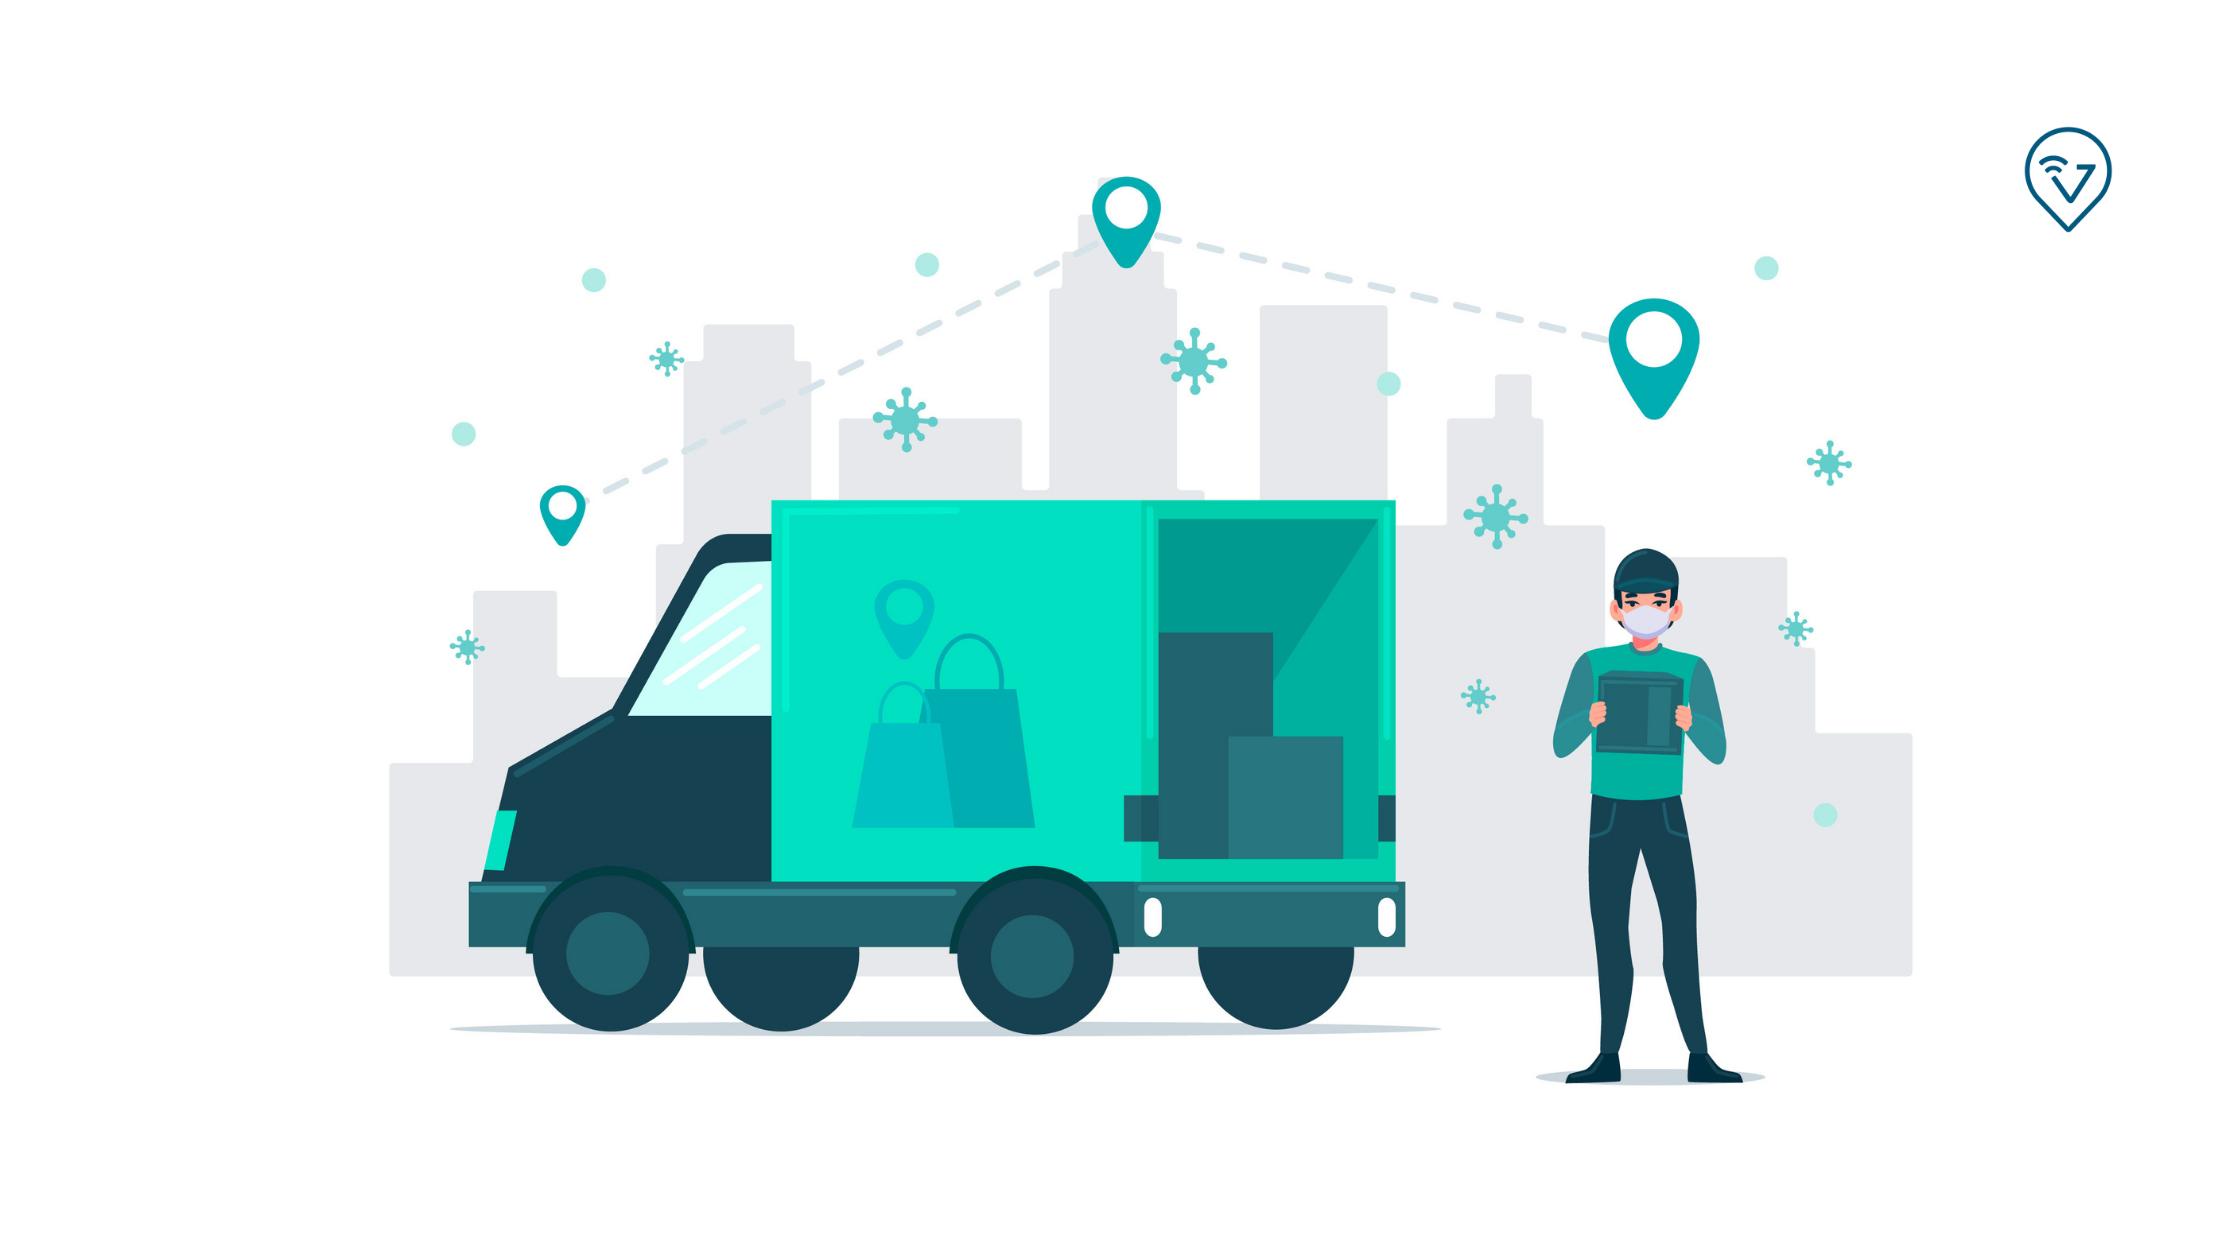 Roteirização de entregas: como ela pode potencializar sua frota?